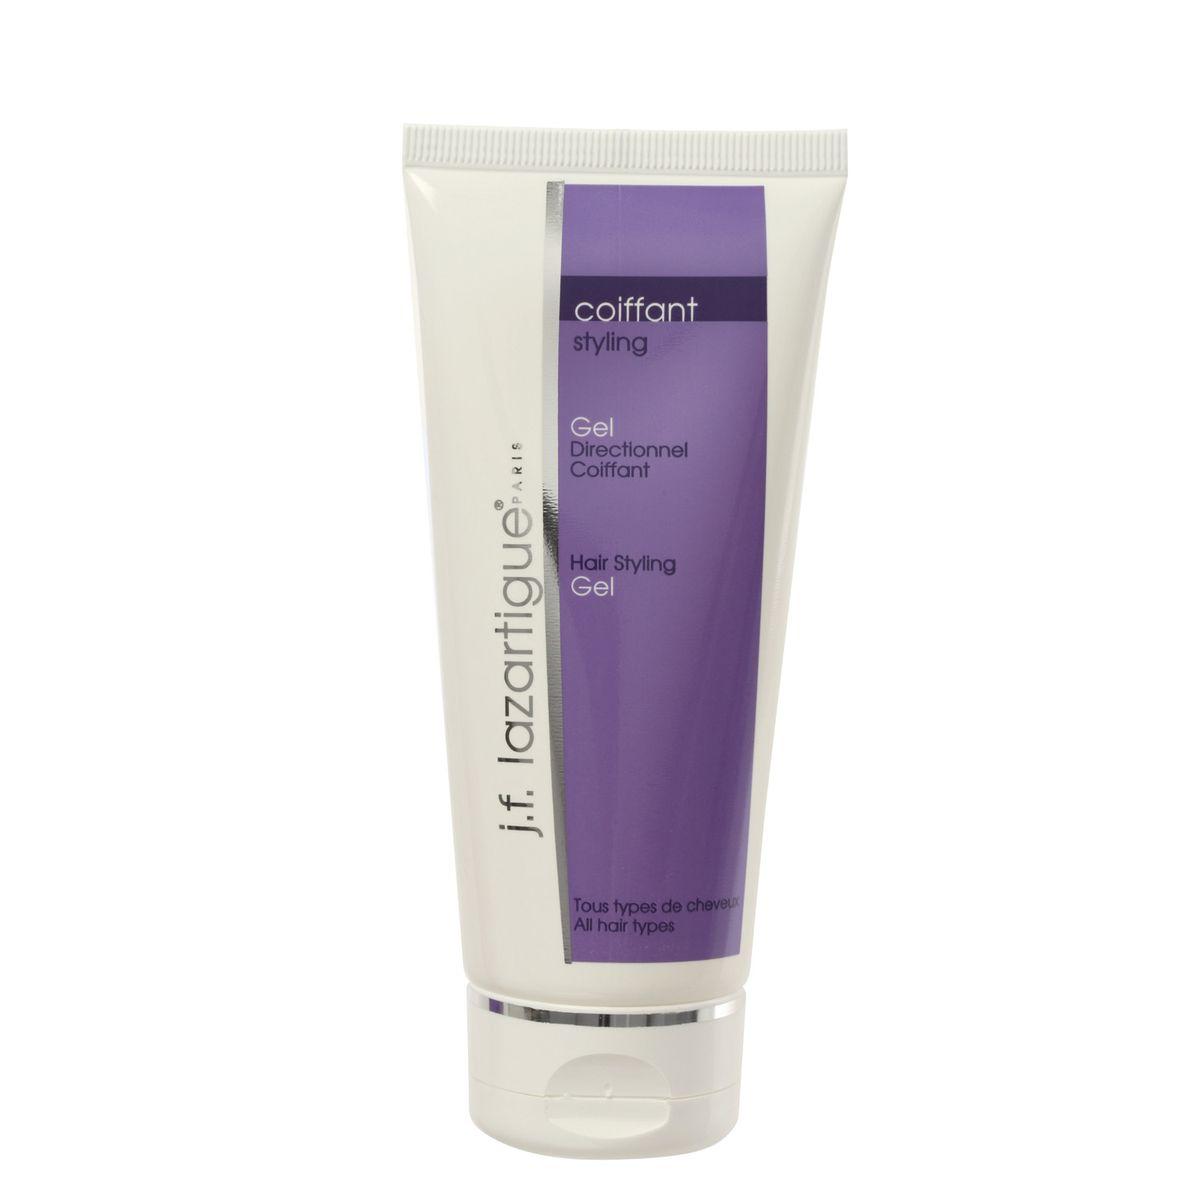 J.F.Lazartigue Гель для укладки волос 100 мл01511Оставляет волосы мягкими и блестящими. Делает прическу пышной, а укладку более прочной, защищает от воздействия влаги и ветра. Чтобы уложить непослушные волосы, создать сложную волну или просто изменить привычную укладку, гель рекомендуется наносить НА ВЛАЖНЫЕ волосы после мытья. Если Вы хотите просто придать прическе прочность или акцентировать внимание на отдельных локонах или завитках – наносите гель НА СУХИЕ волосы. Гель для укладки волос имеет легкую консистенцию, он не делает волосы жирными или тяжелыми, а делает их послушными.